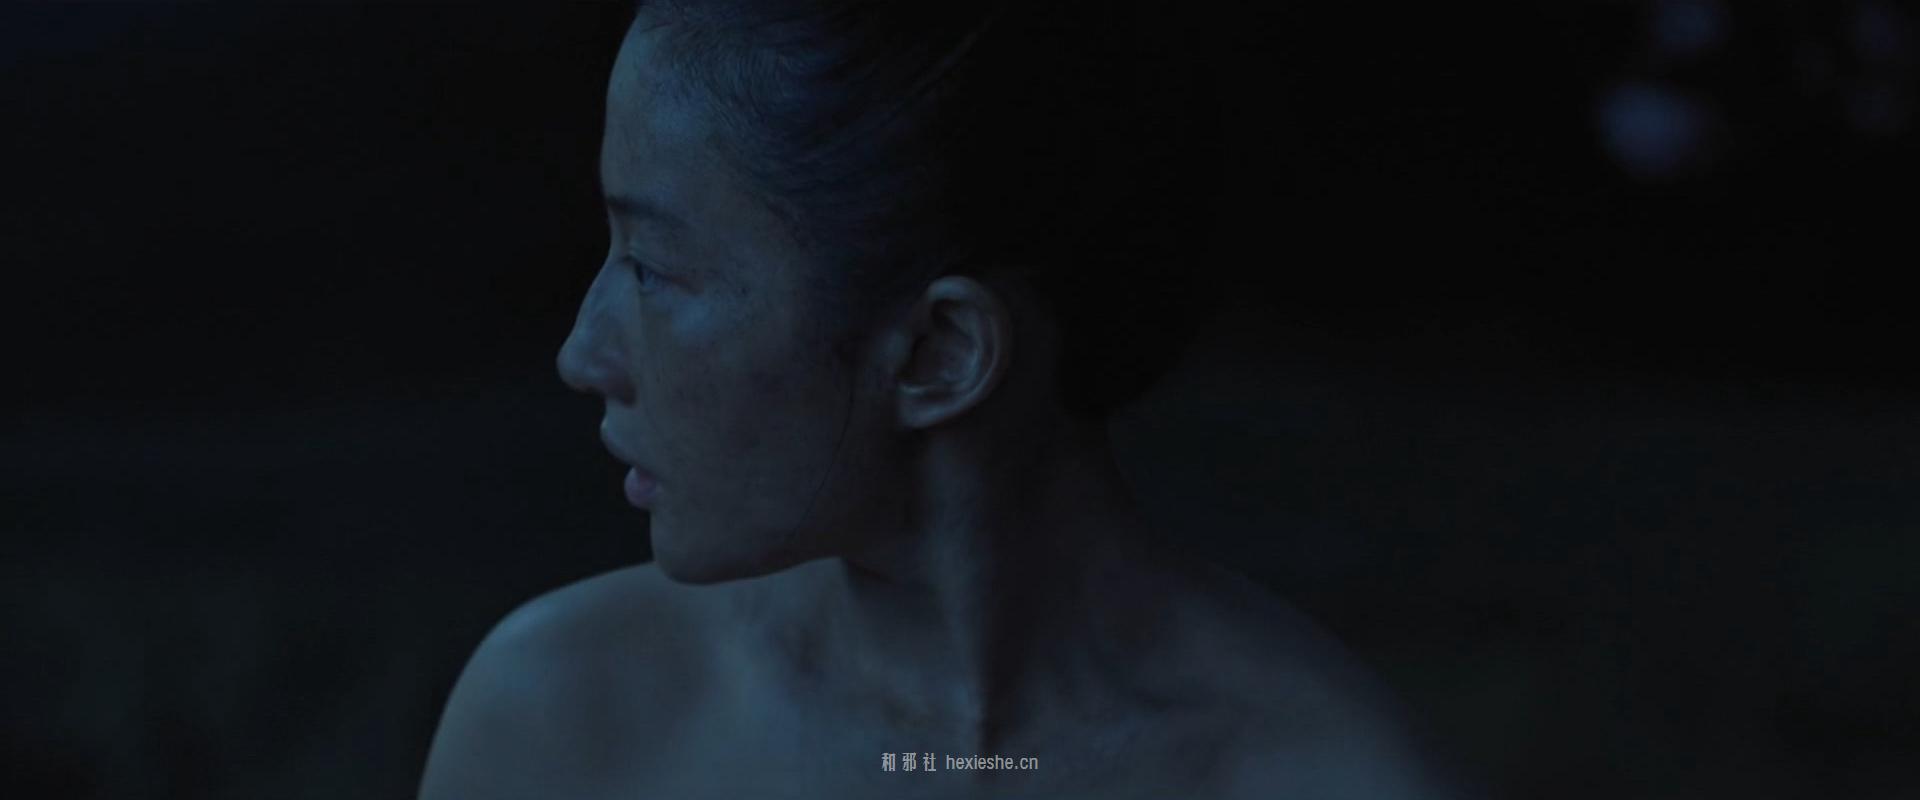 刘亦菲版《花木兰》_和邪社4